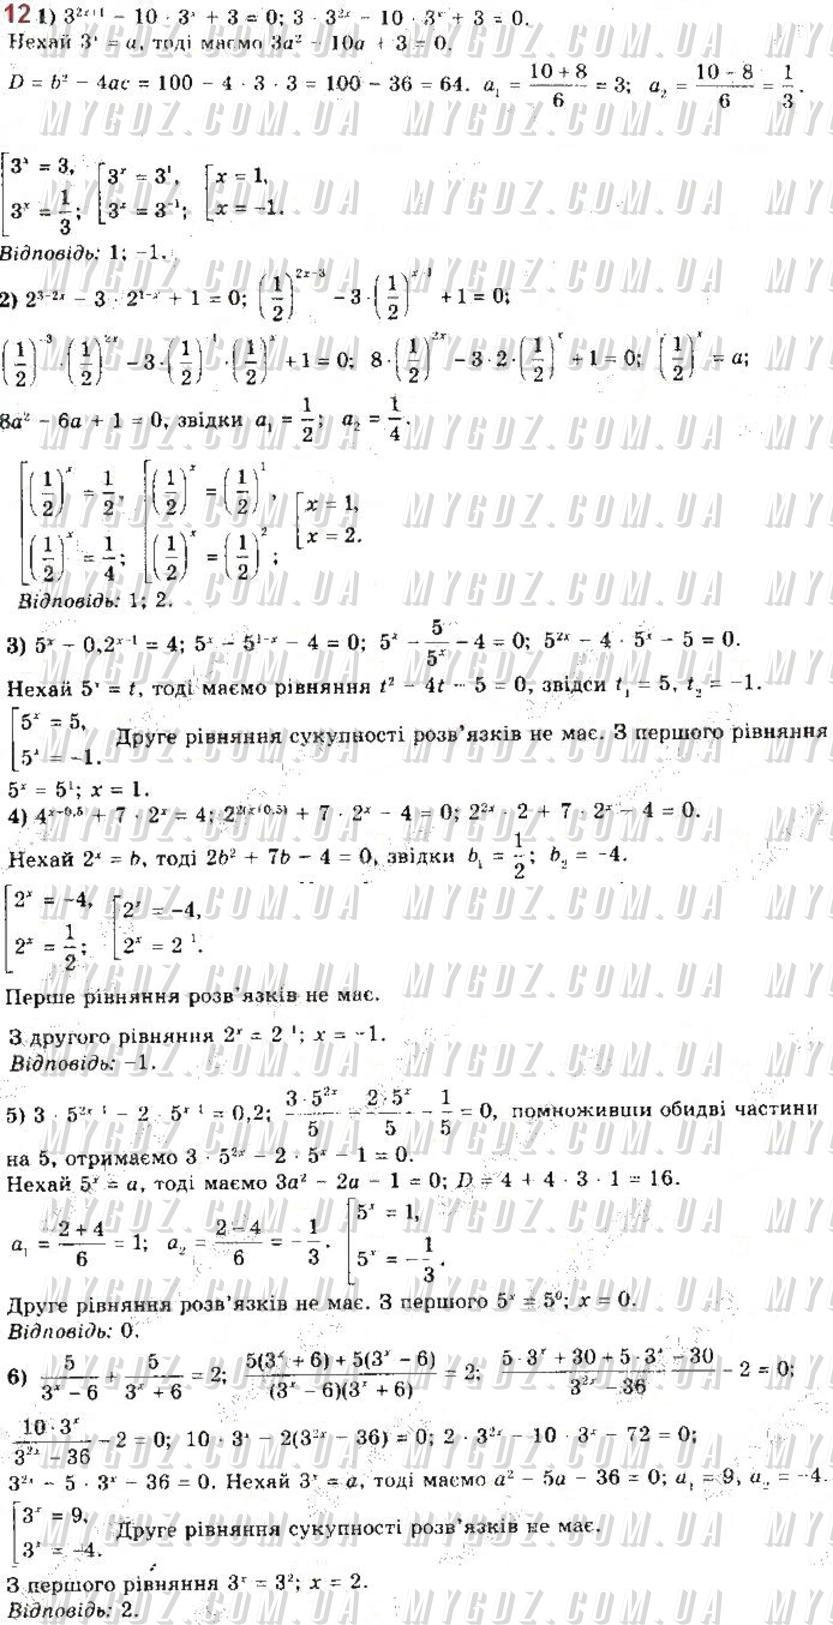 ГДЗ номер 12 2019 Мерзляк, Номіровський 11 клас